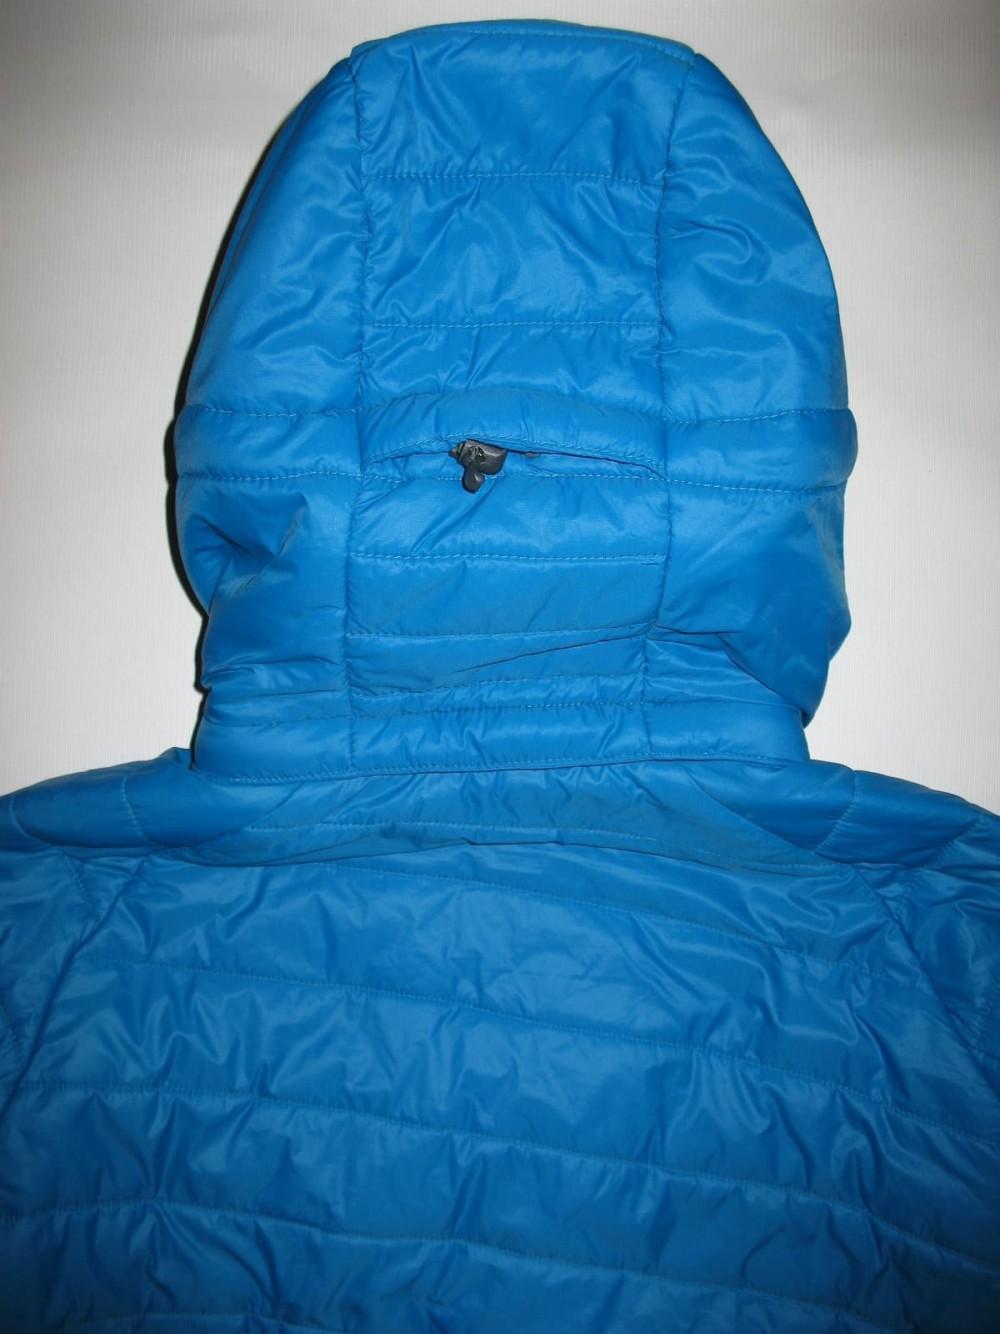 Куртка McKINLEY cando primaloft 100 jacket (размер XL) - 8